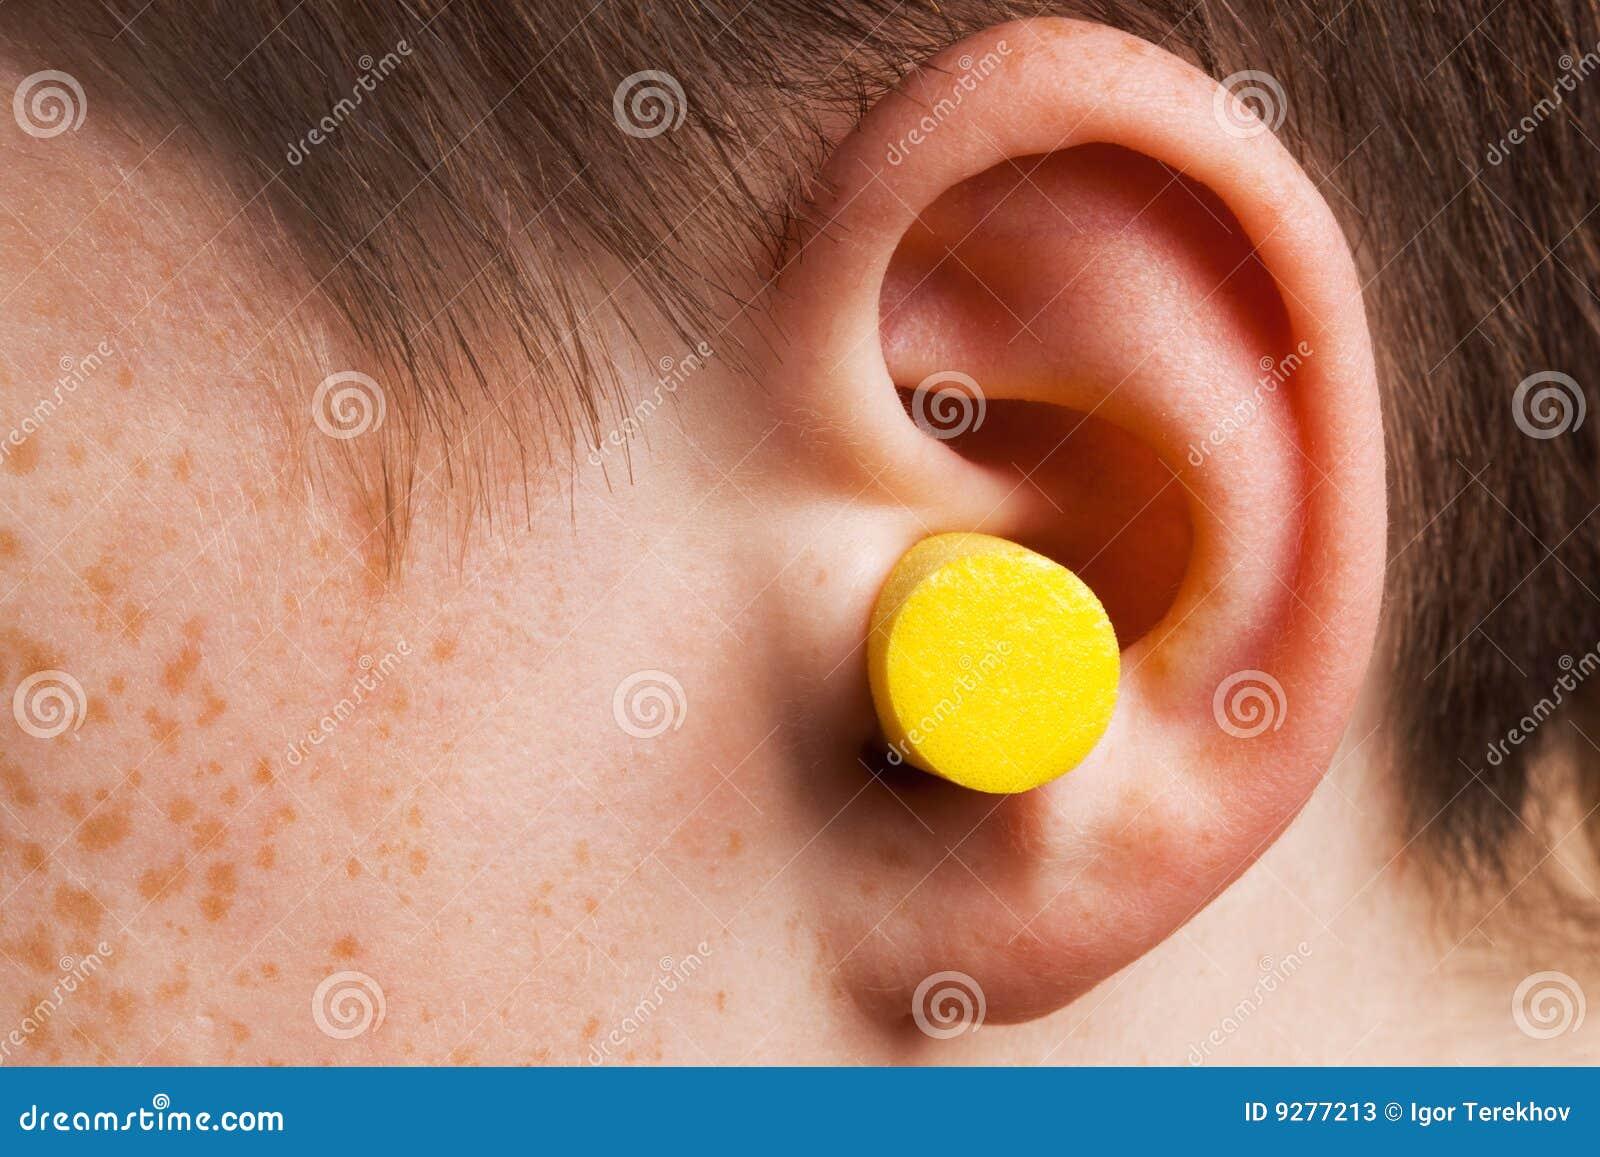 Как в домашних условиях убрать пробку из уха? 97